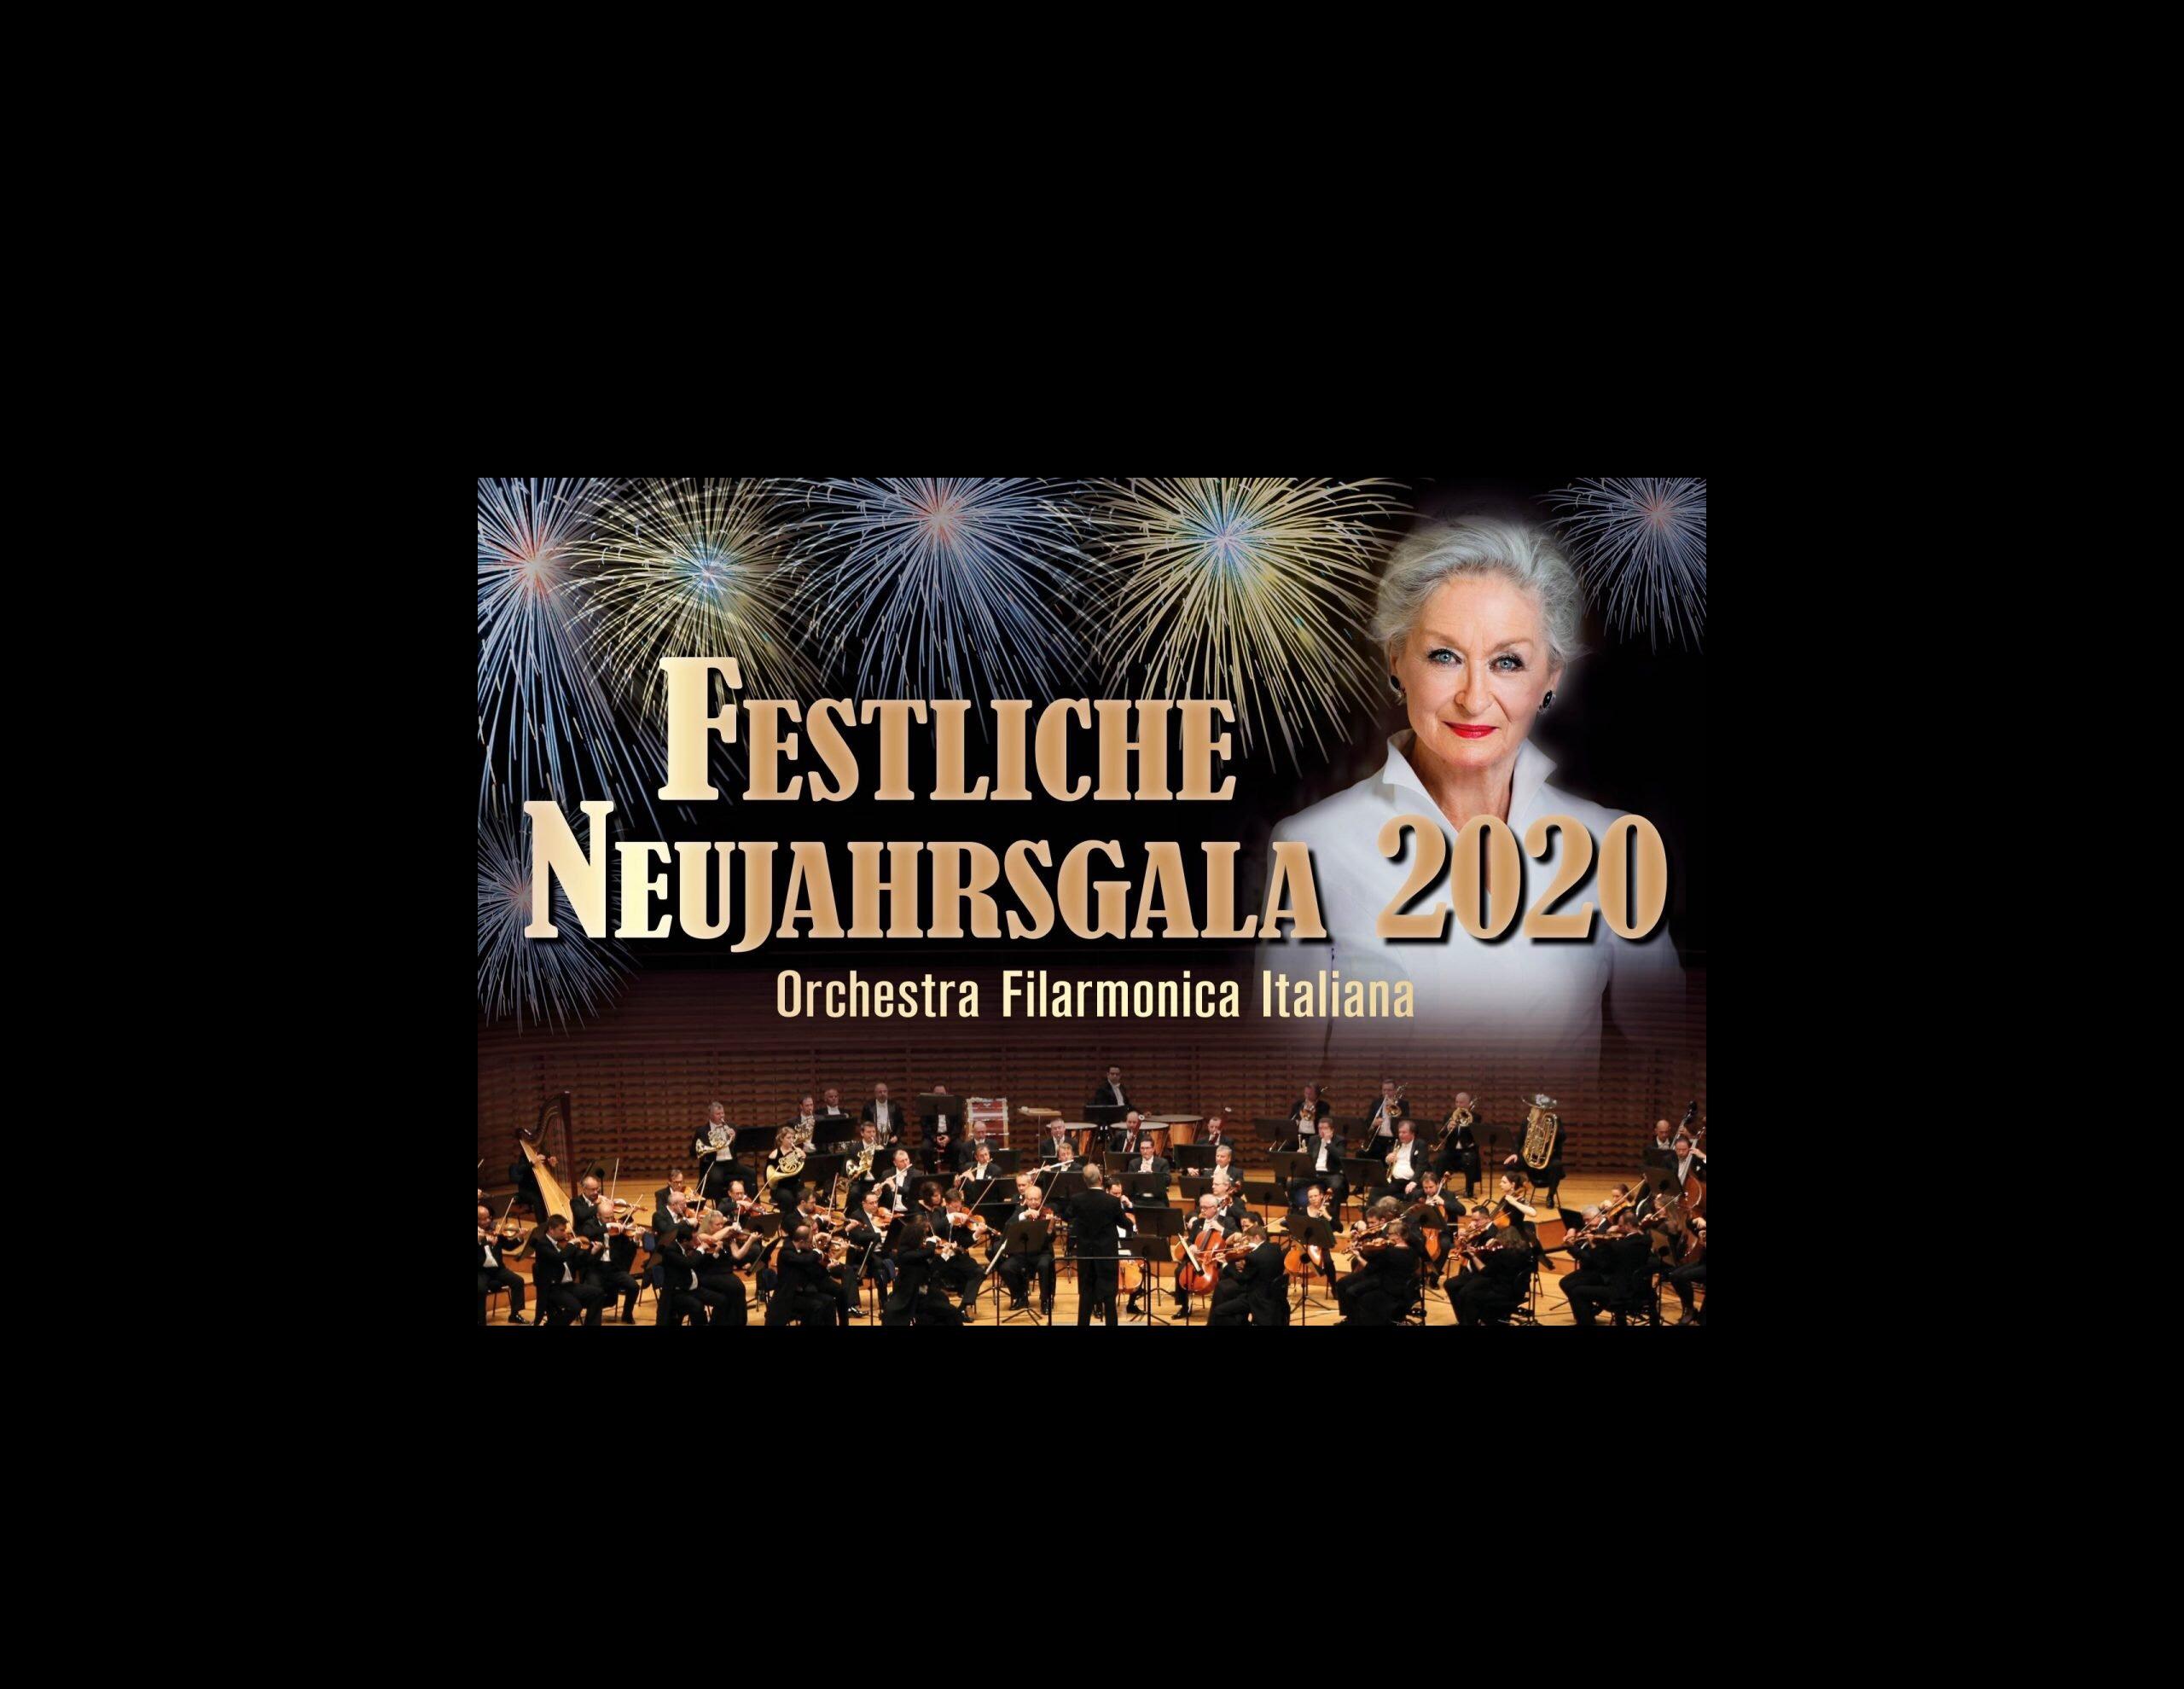 FESTLICHE NEUJAHRSGALA – 2020